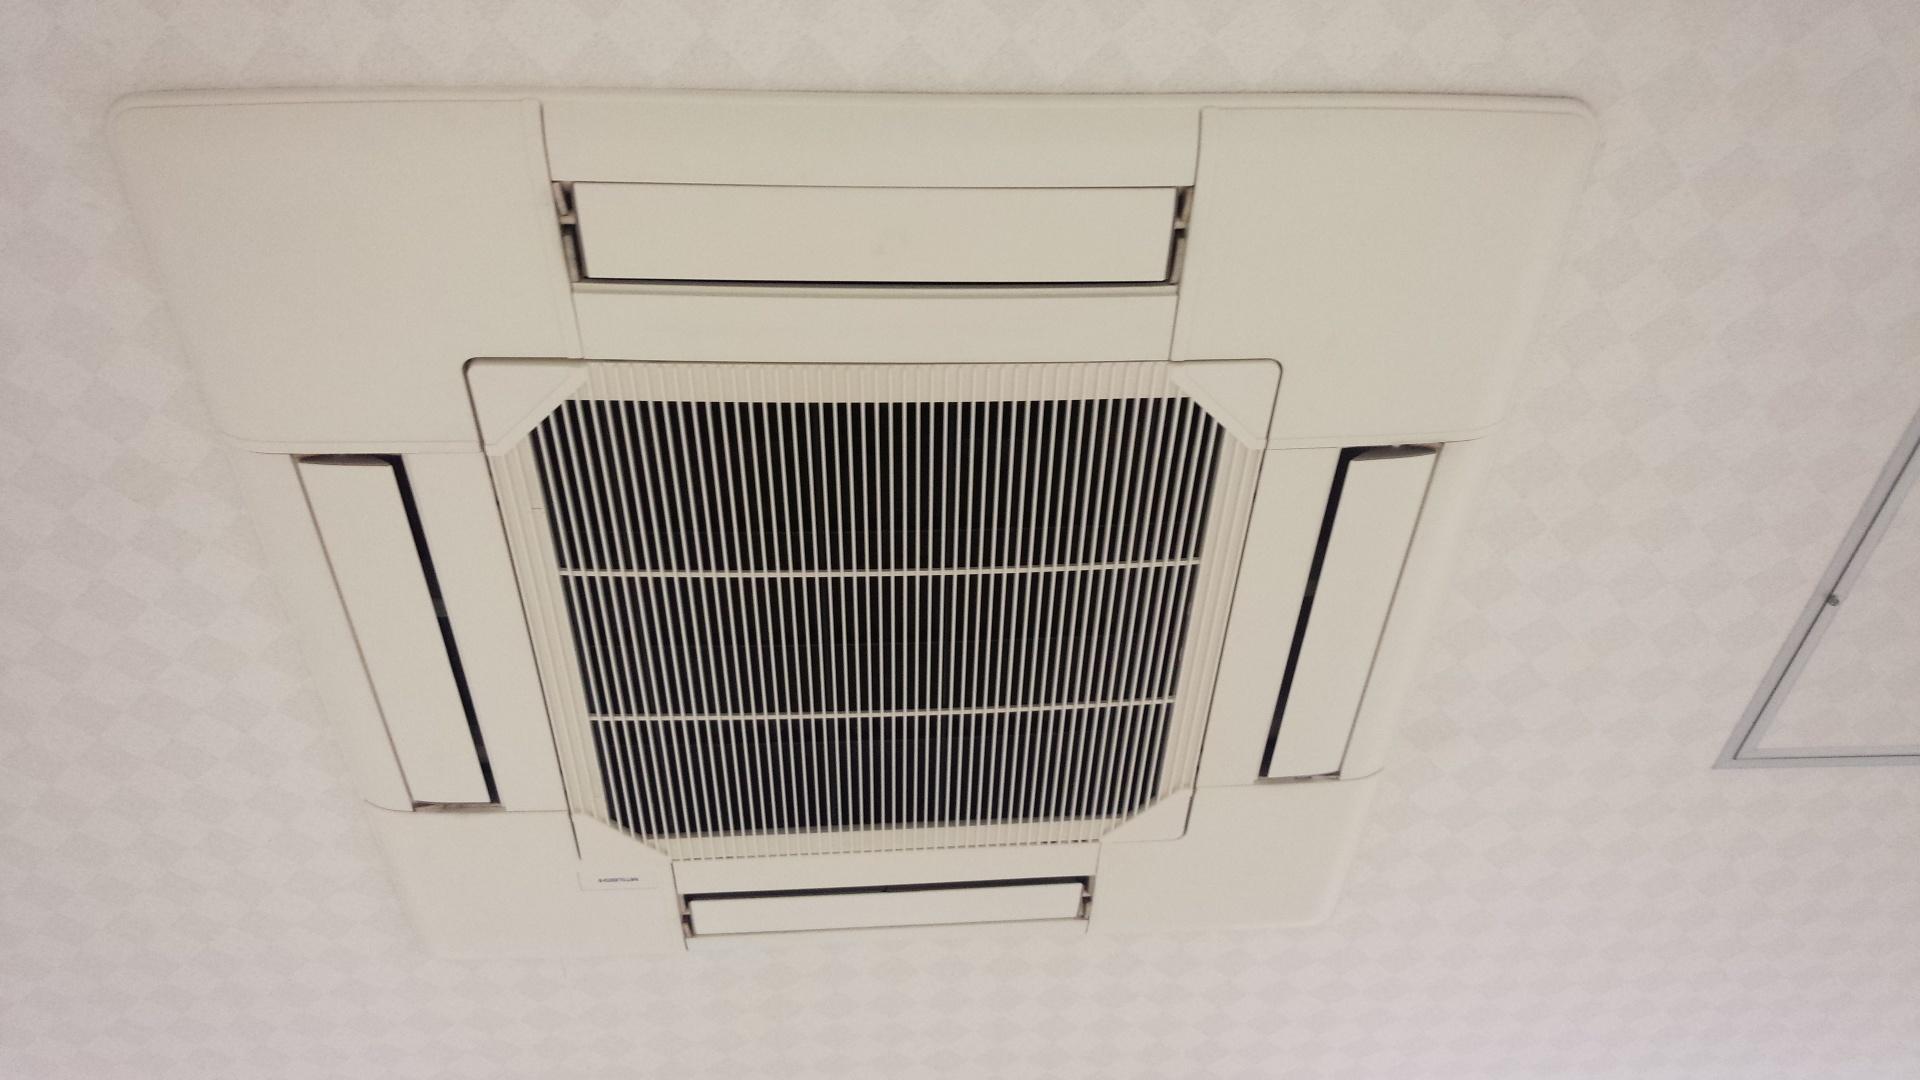 天井埋め込み式エアコン